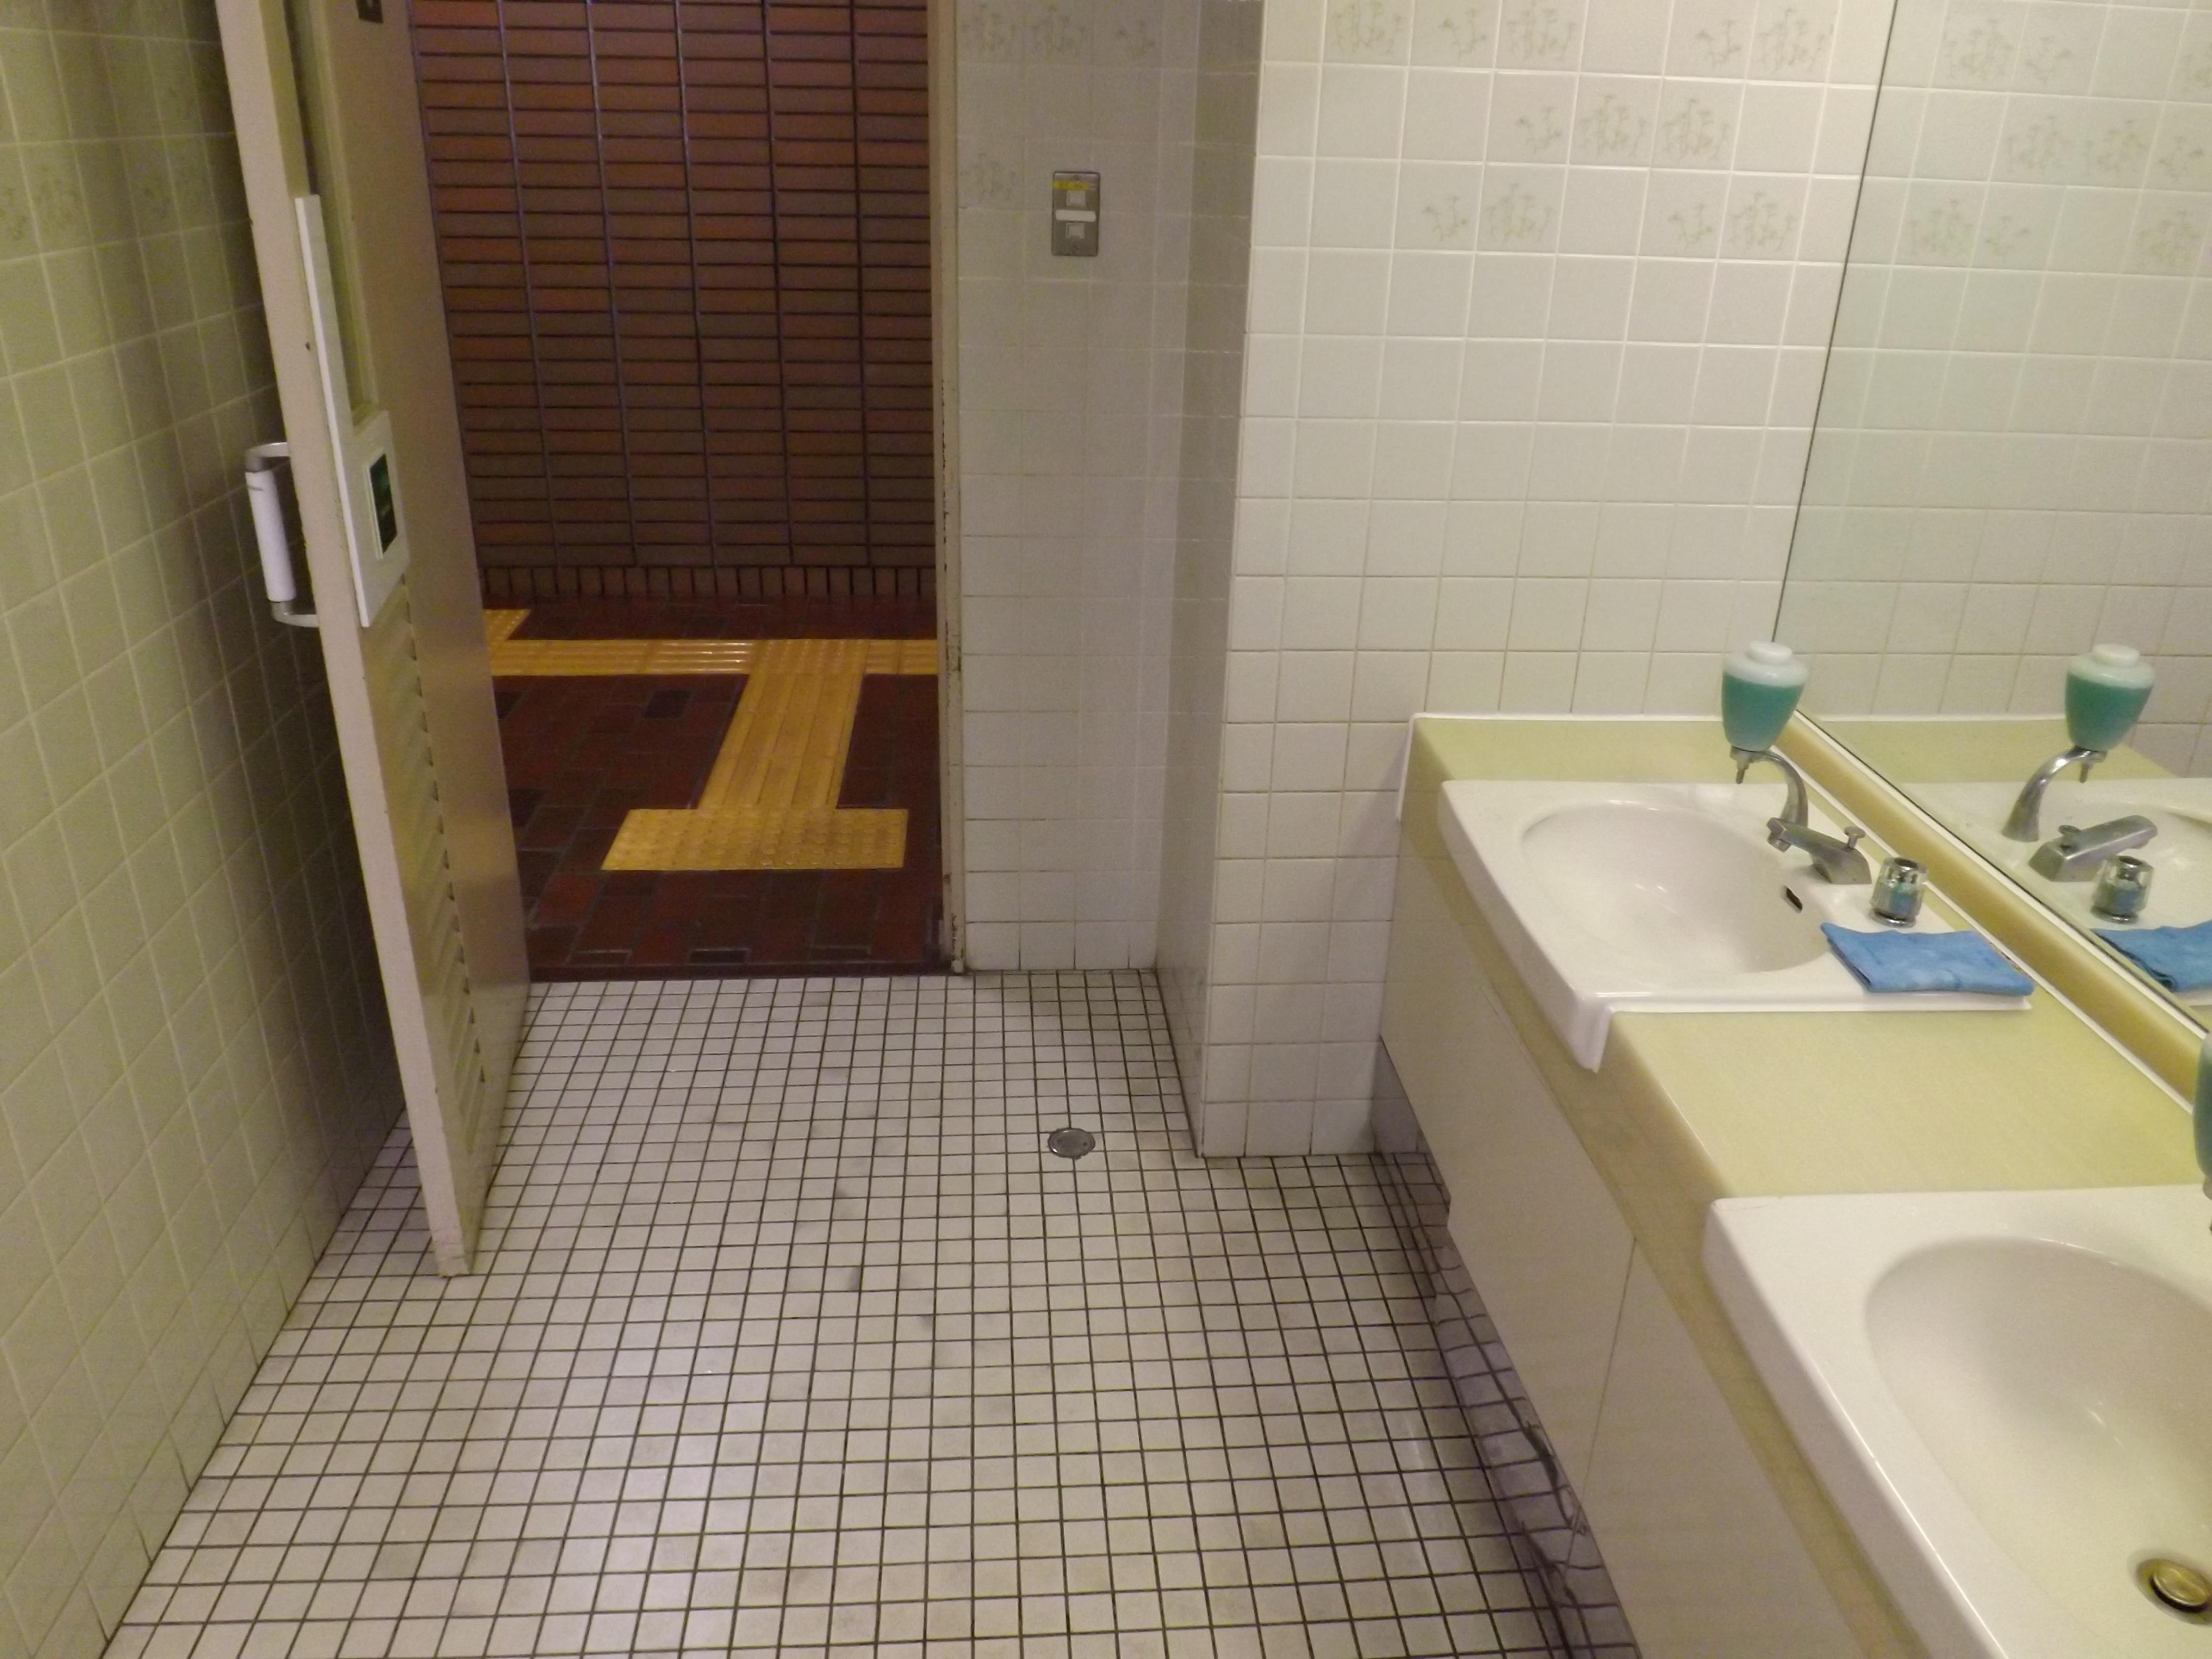 、「肘でドアを開けられ清潔」と副市長は答弁しましたが、市役所1階トイレの手洗いを自動にし、手を清潔にしても、その手でドアを引かなければ外に出られない。。。結局、感染予防には消毒液が欠かせないのです。